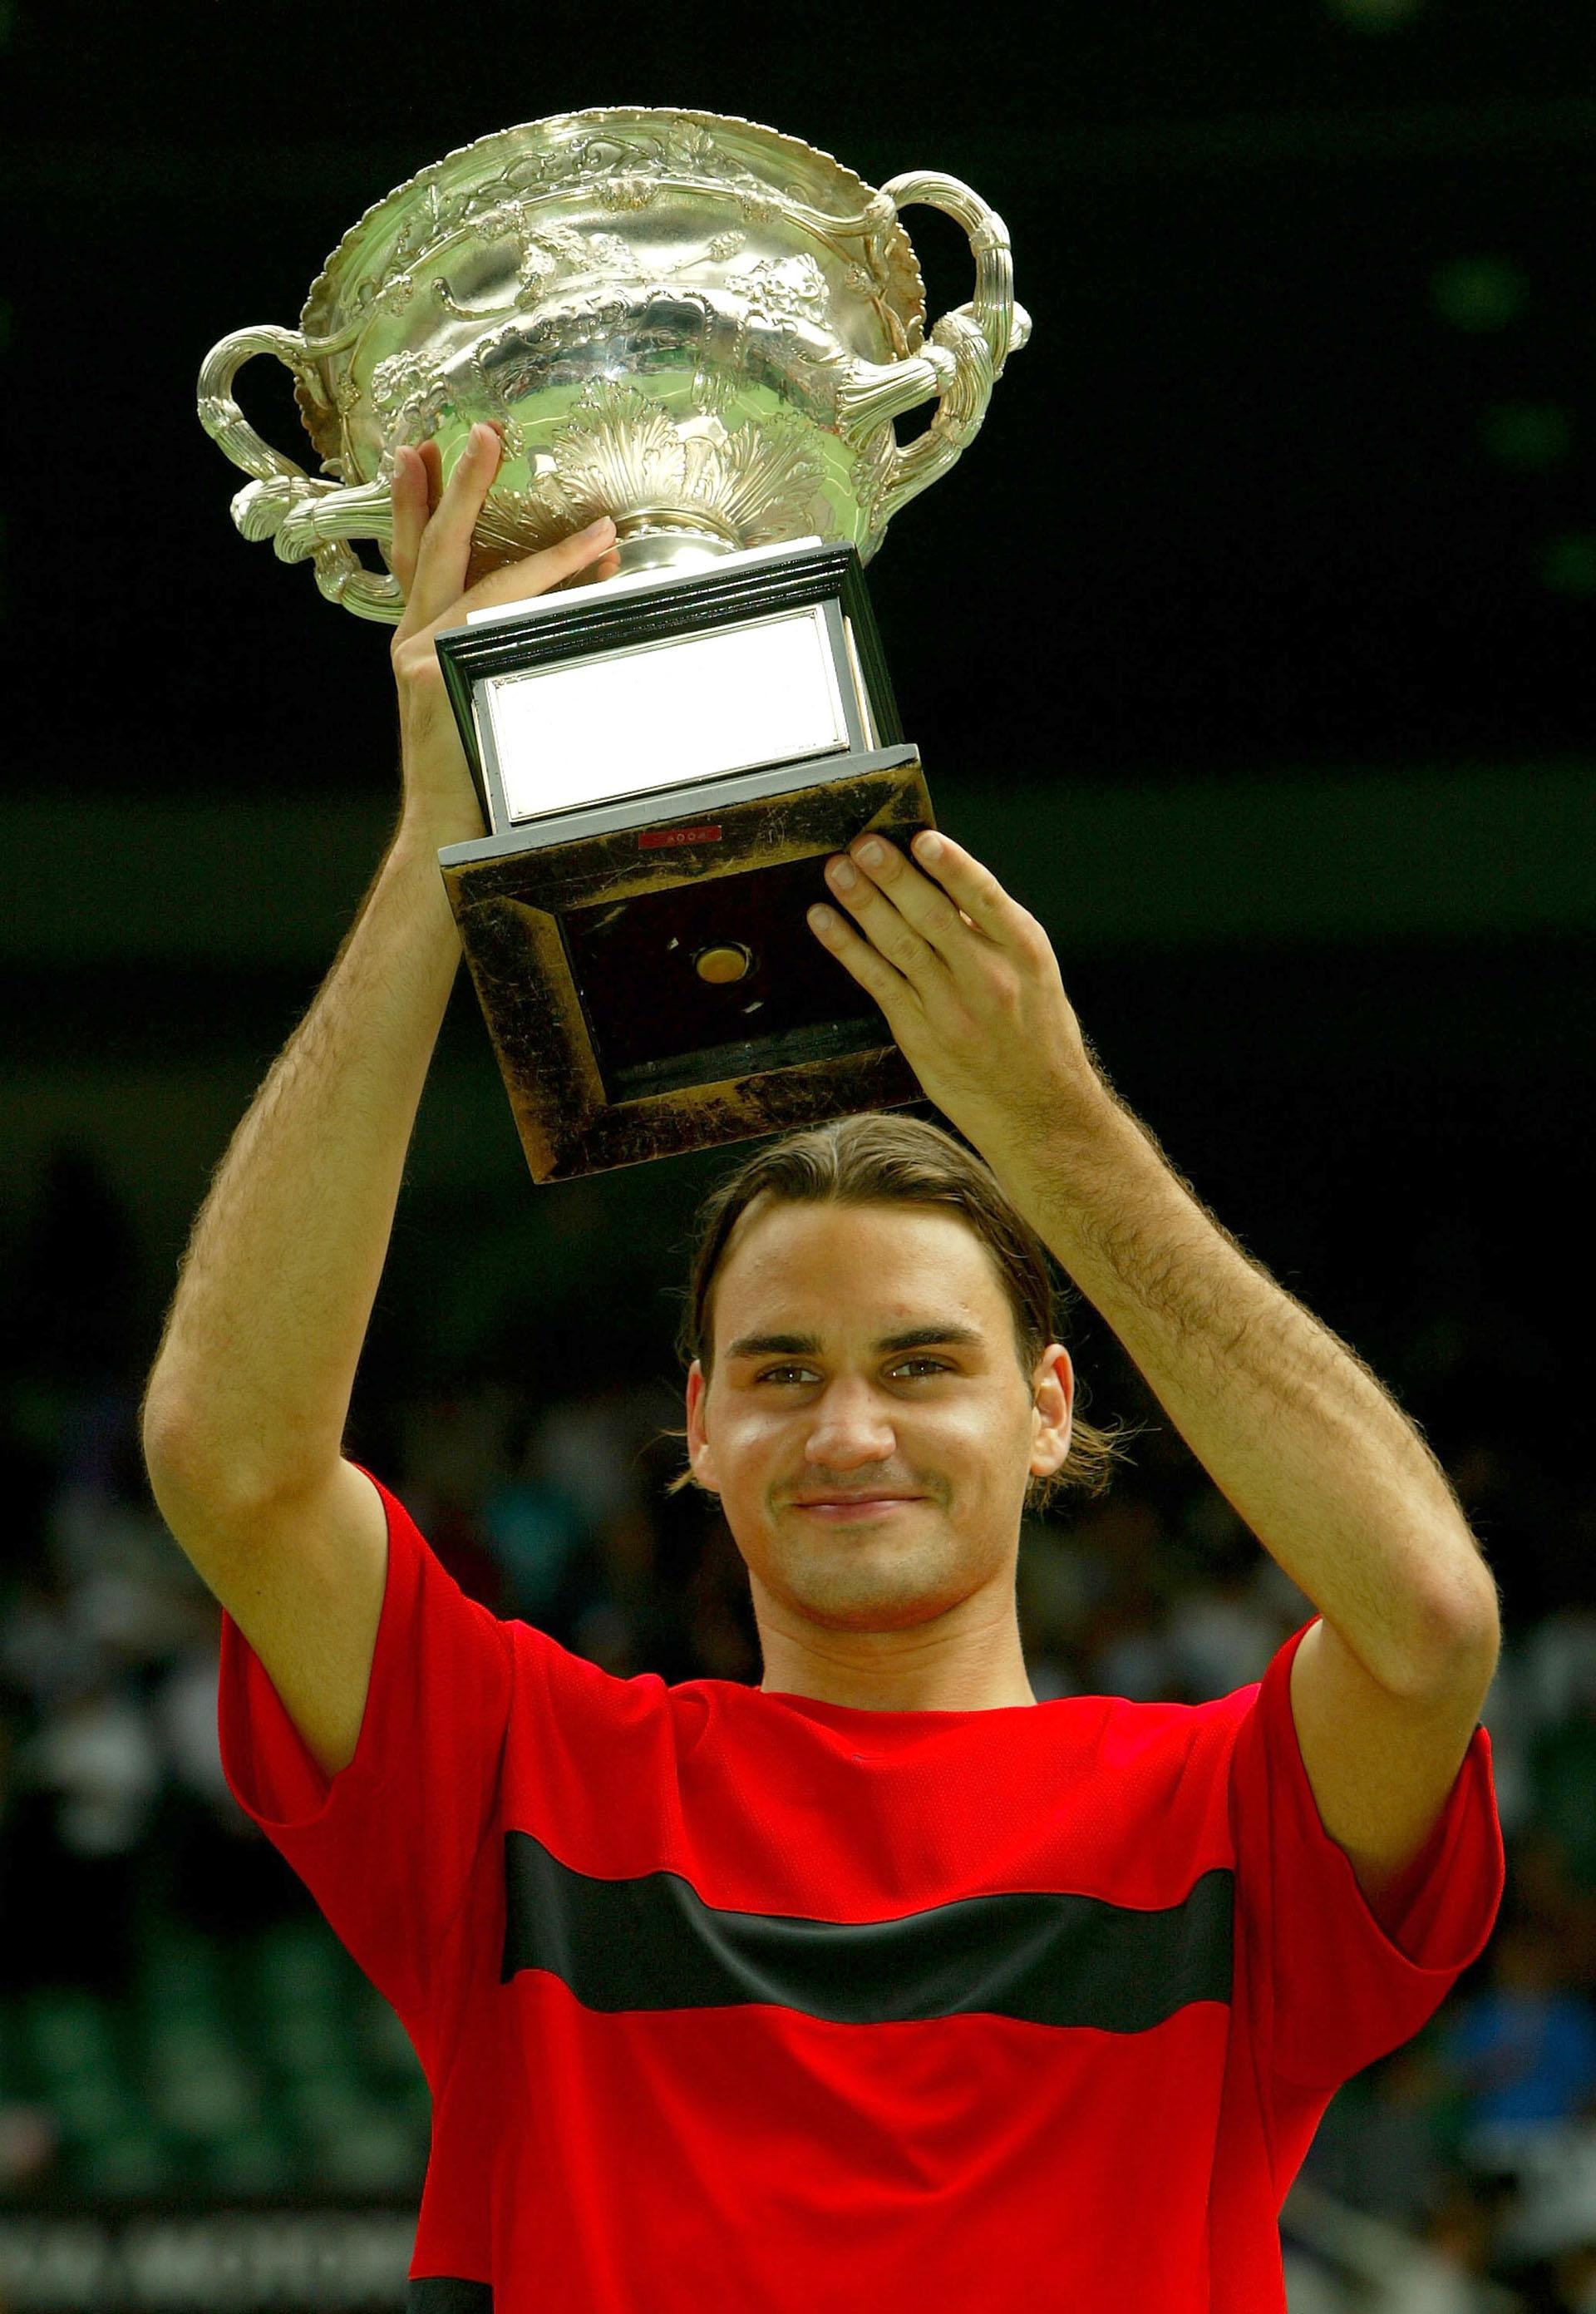 En febrero del 2004, Roger Federer se encontró con Marat Safin en las finales del Abierto de Australia, y en Melbourne lo venció por 7-6 (3), 6-4, 6-2